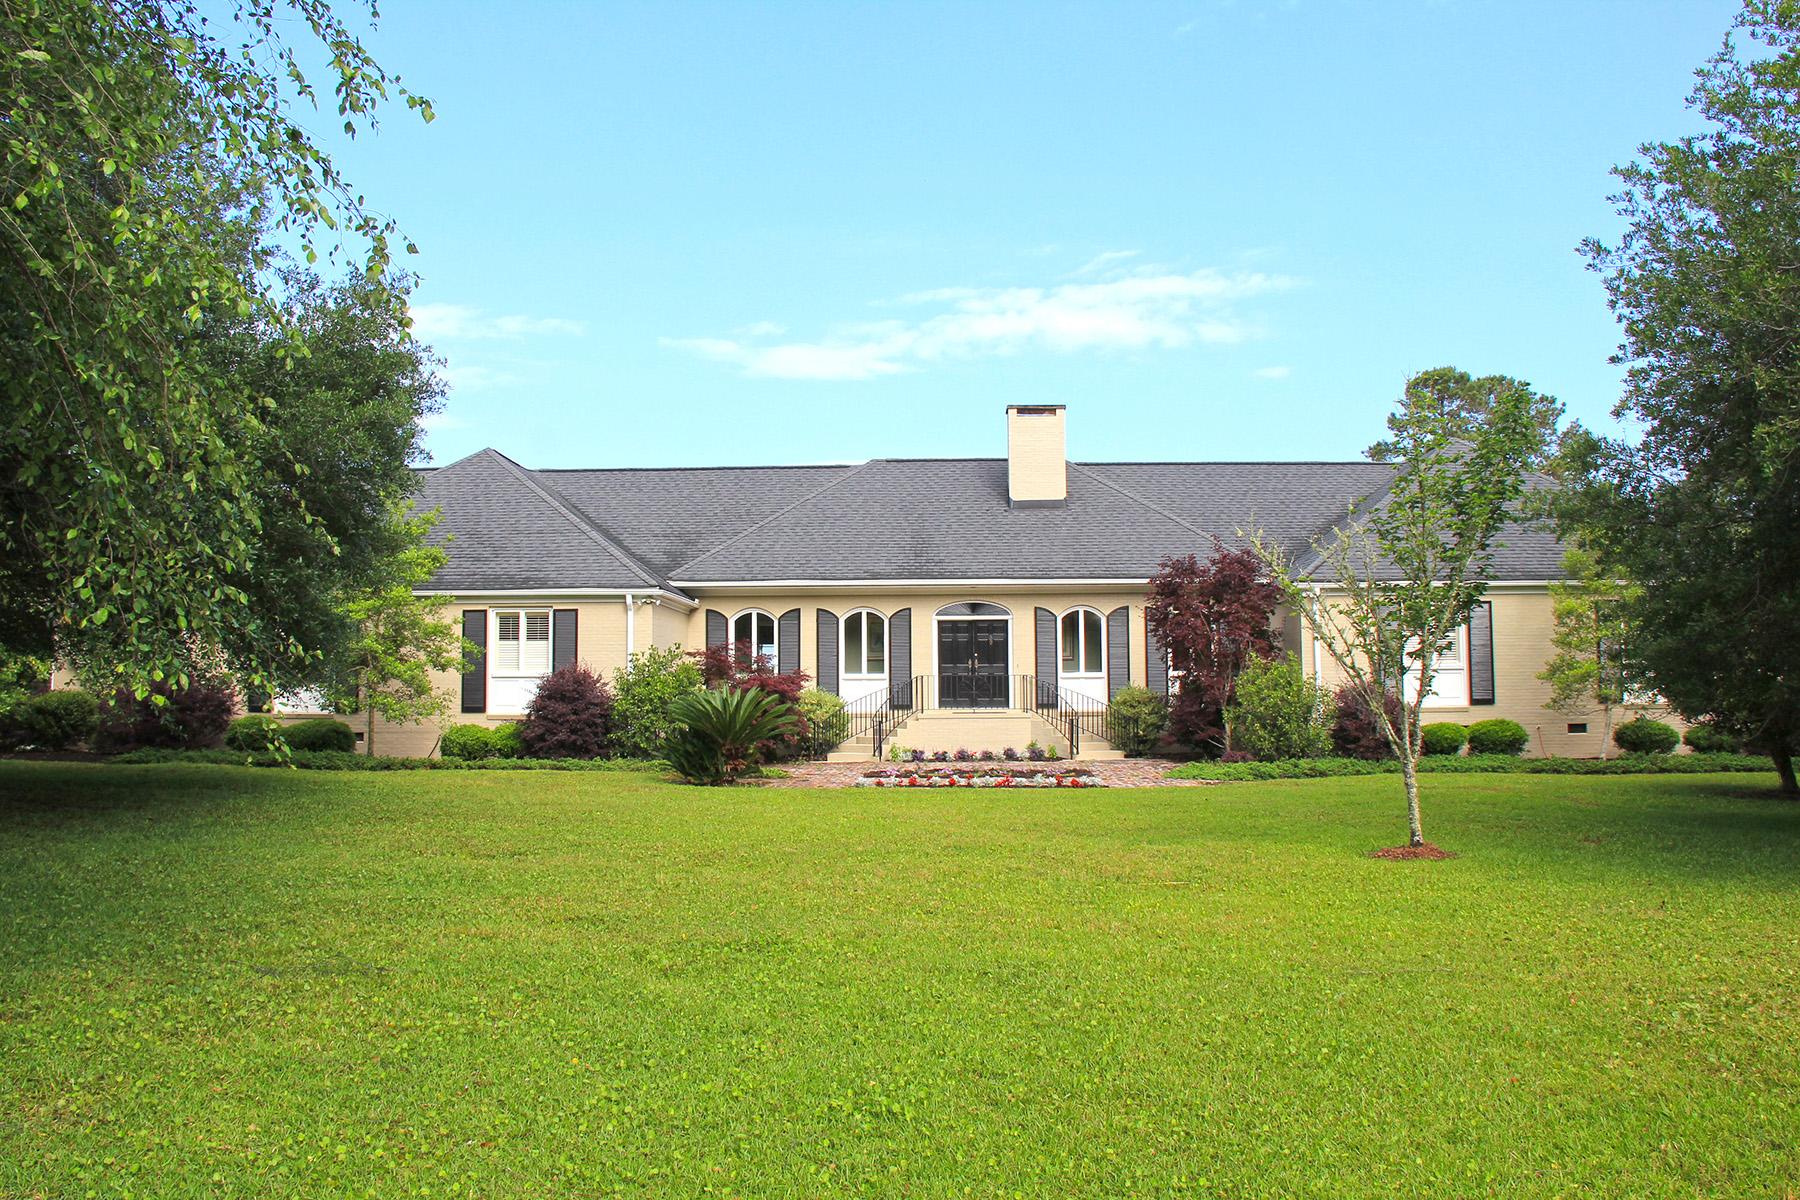 단독 가정 주택 용 매매 에 Johns Island Deepwater Estate 3940 Chisolm Road Johns Island, 사우스캐놀라이나, 29455 미국